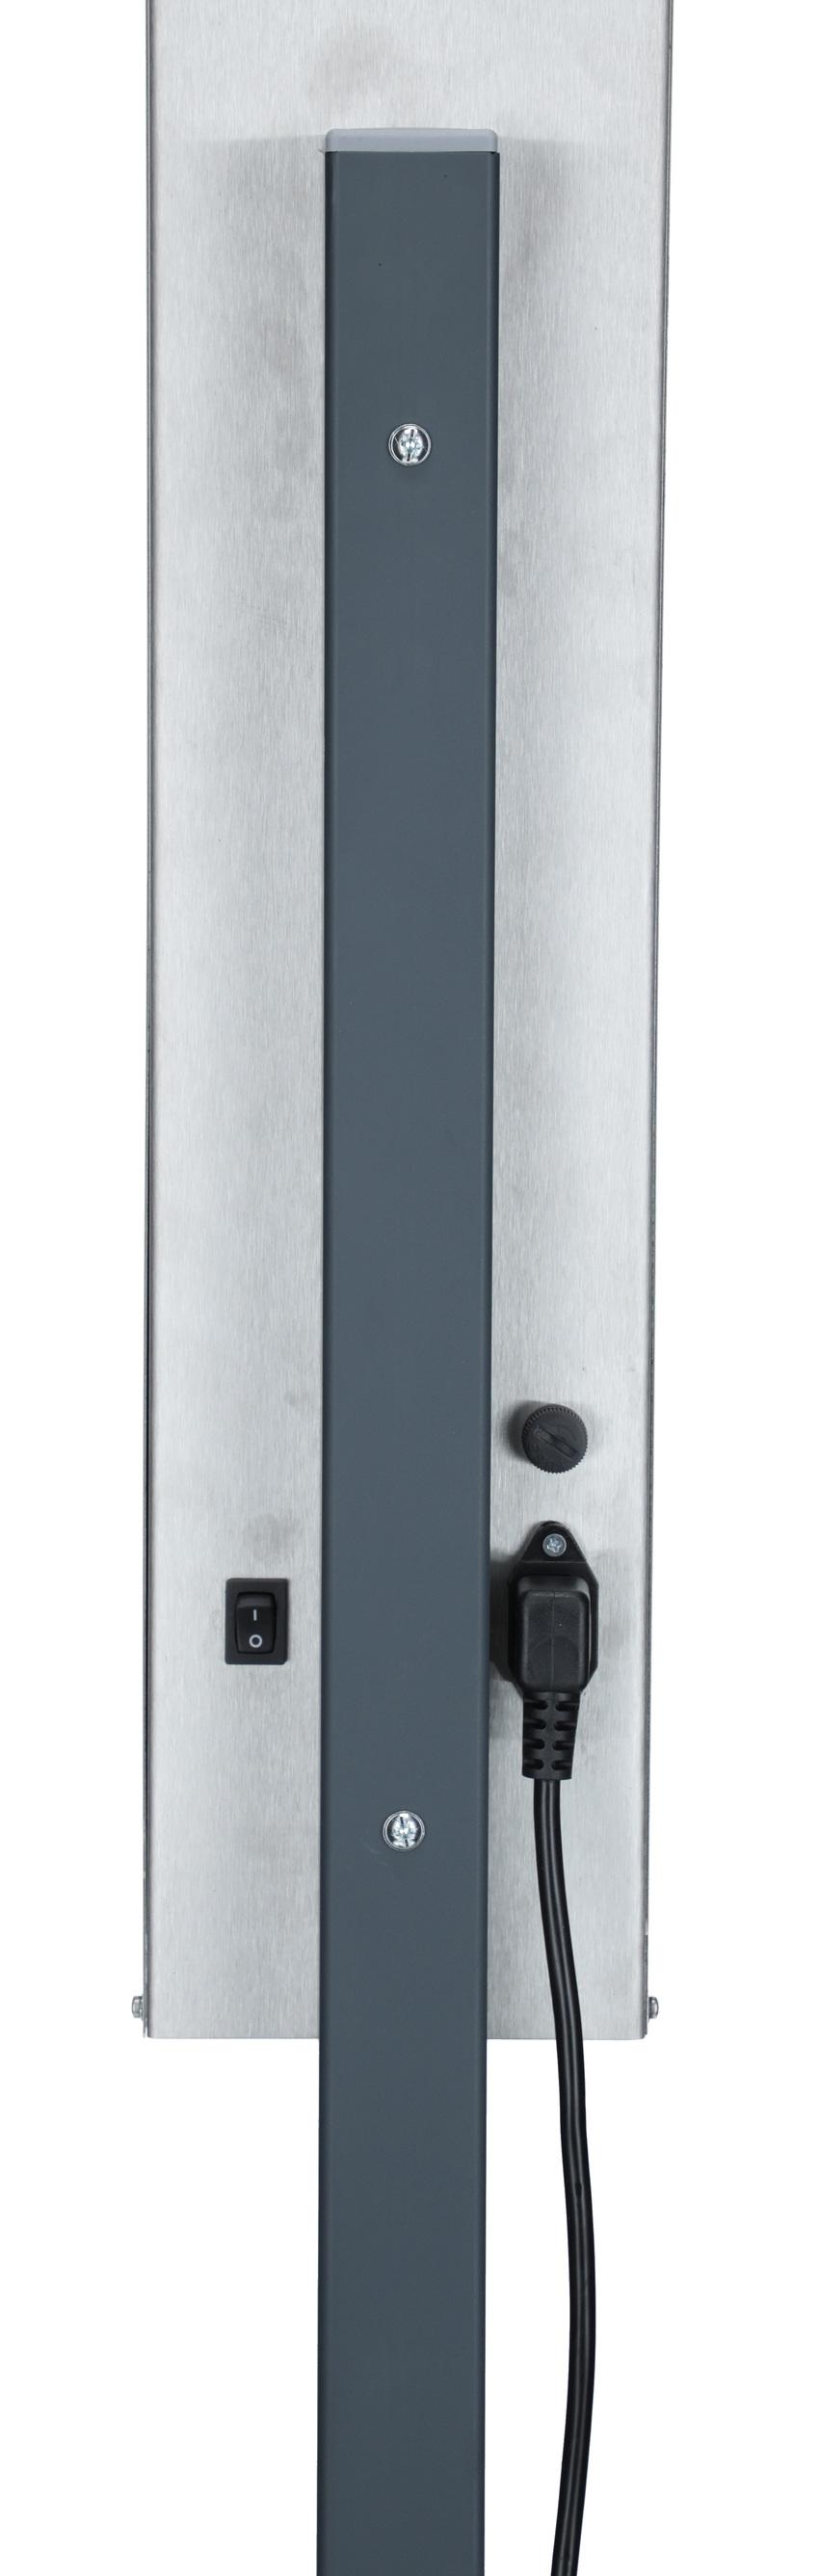 UNIZDRAV UVC 36 zárt germicid lámpa, gördíthető változat